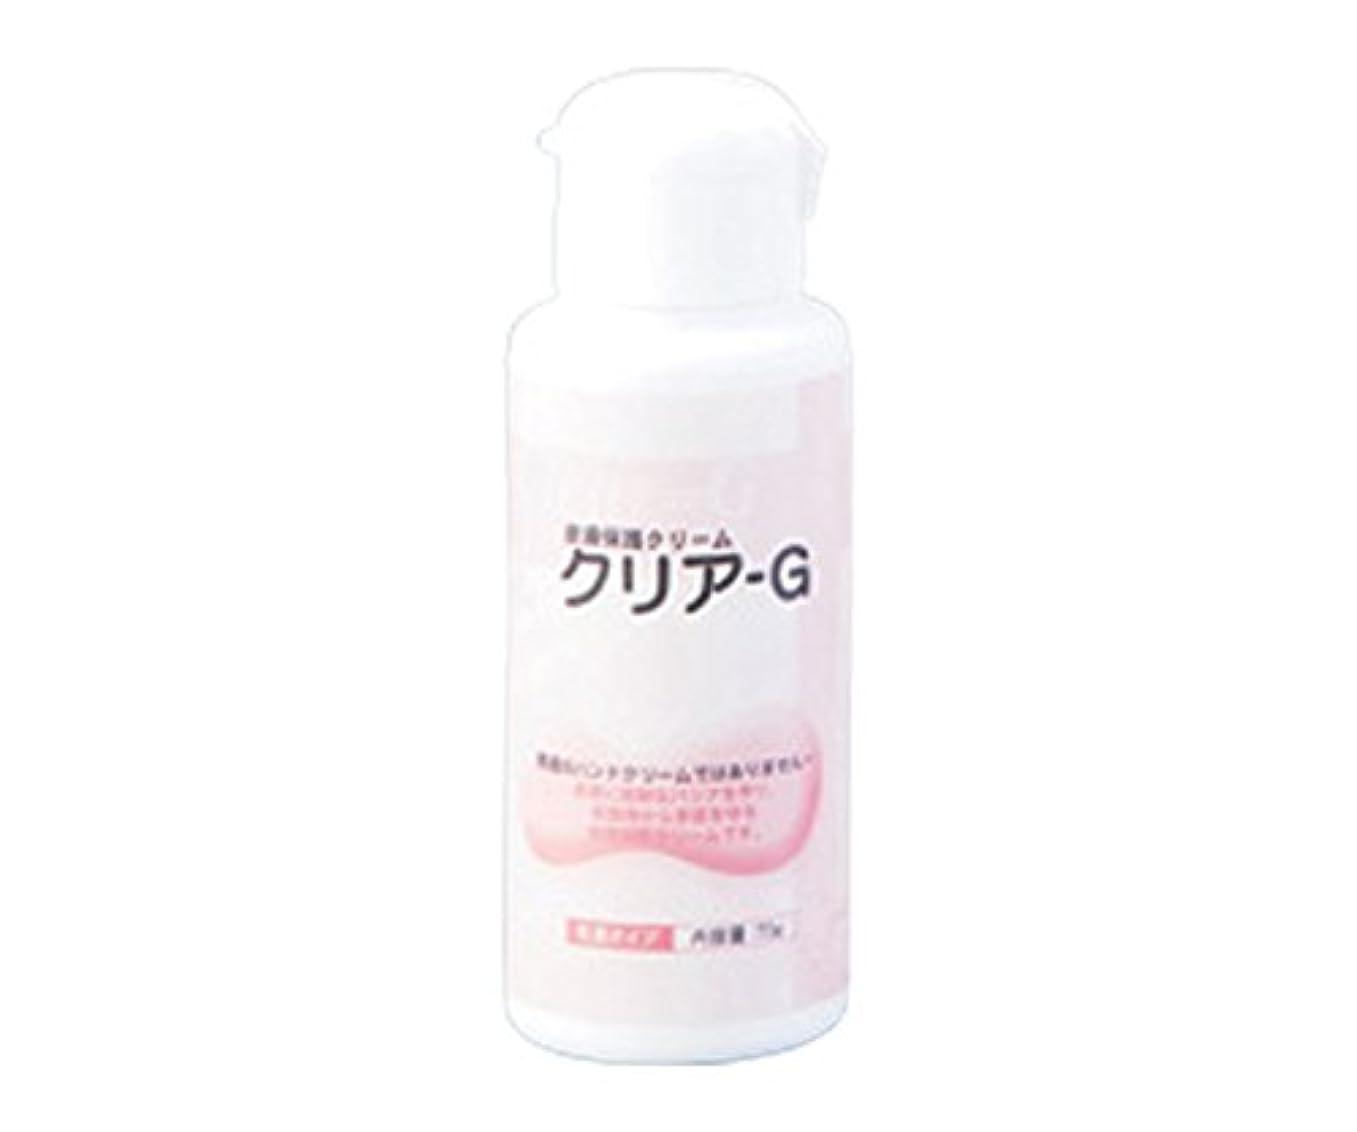 間ナイトスポット発症皮膚保護クリーム(クリア-G) 70g